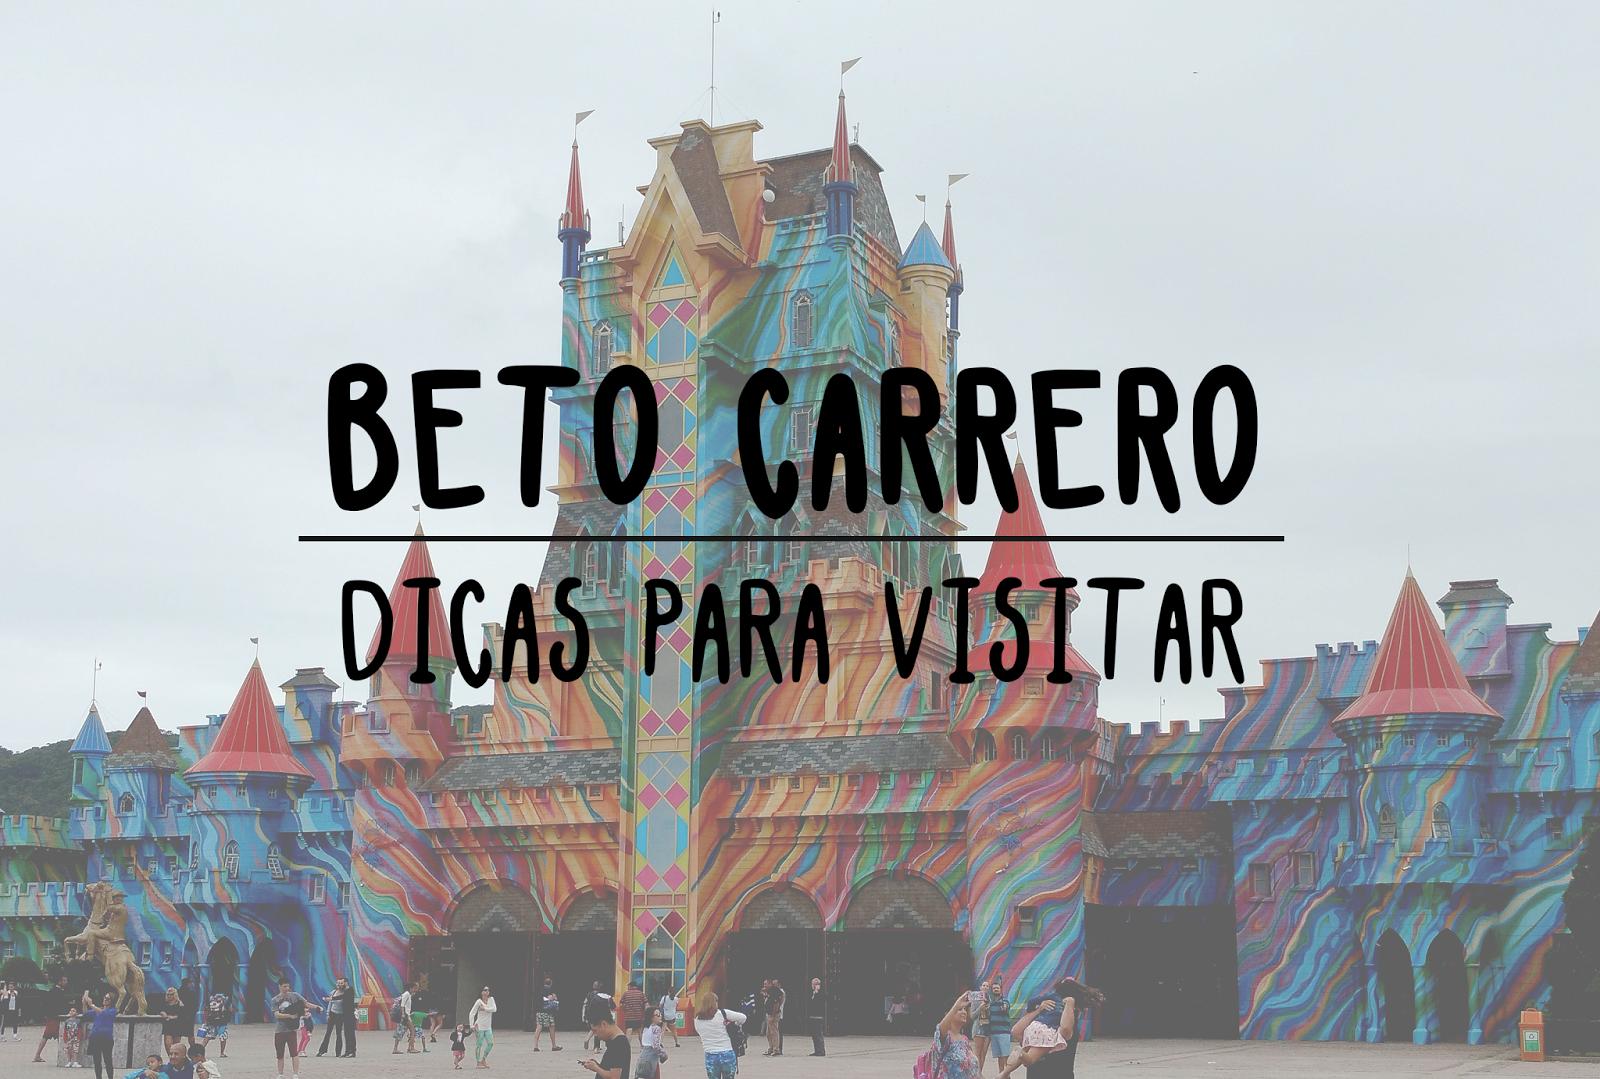 BETO CARRERO - DICAS PARA VISITAR O PARQUE